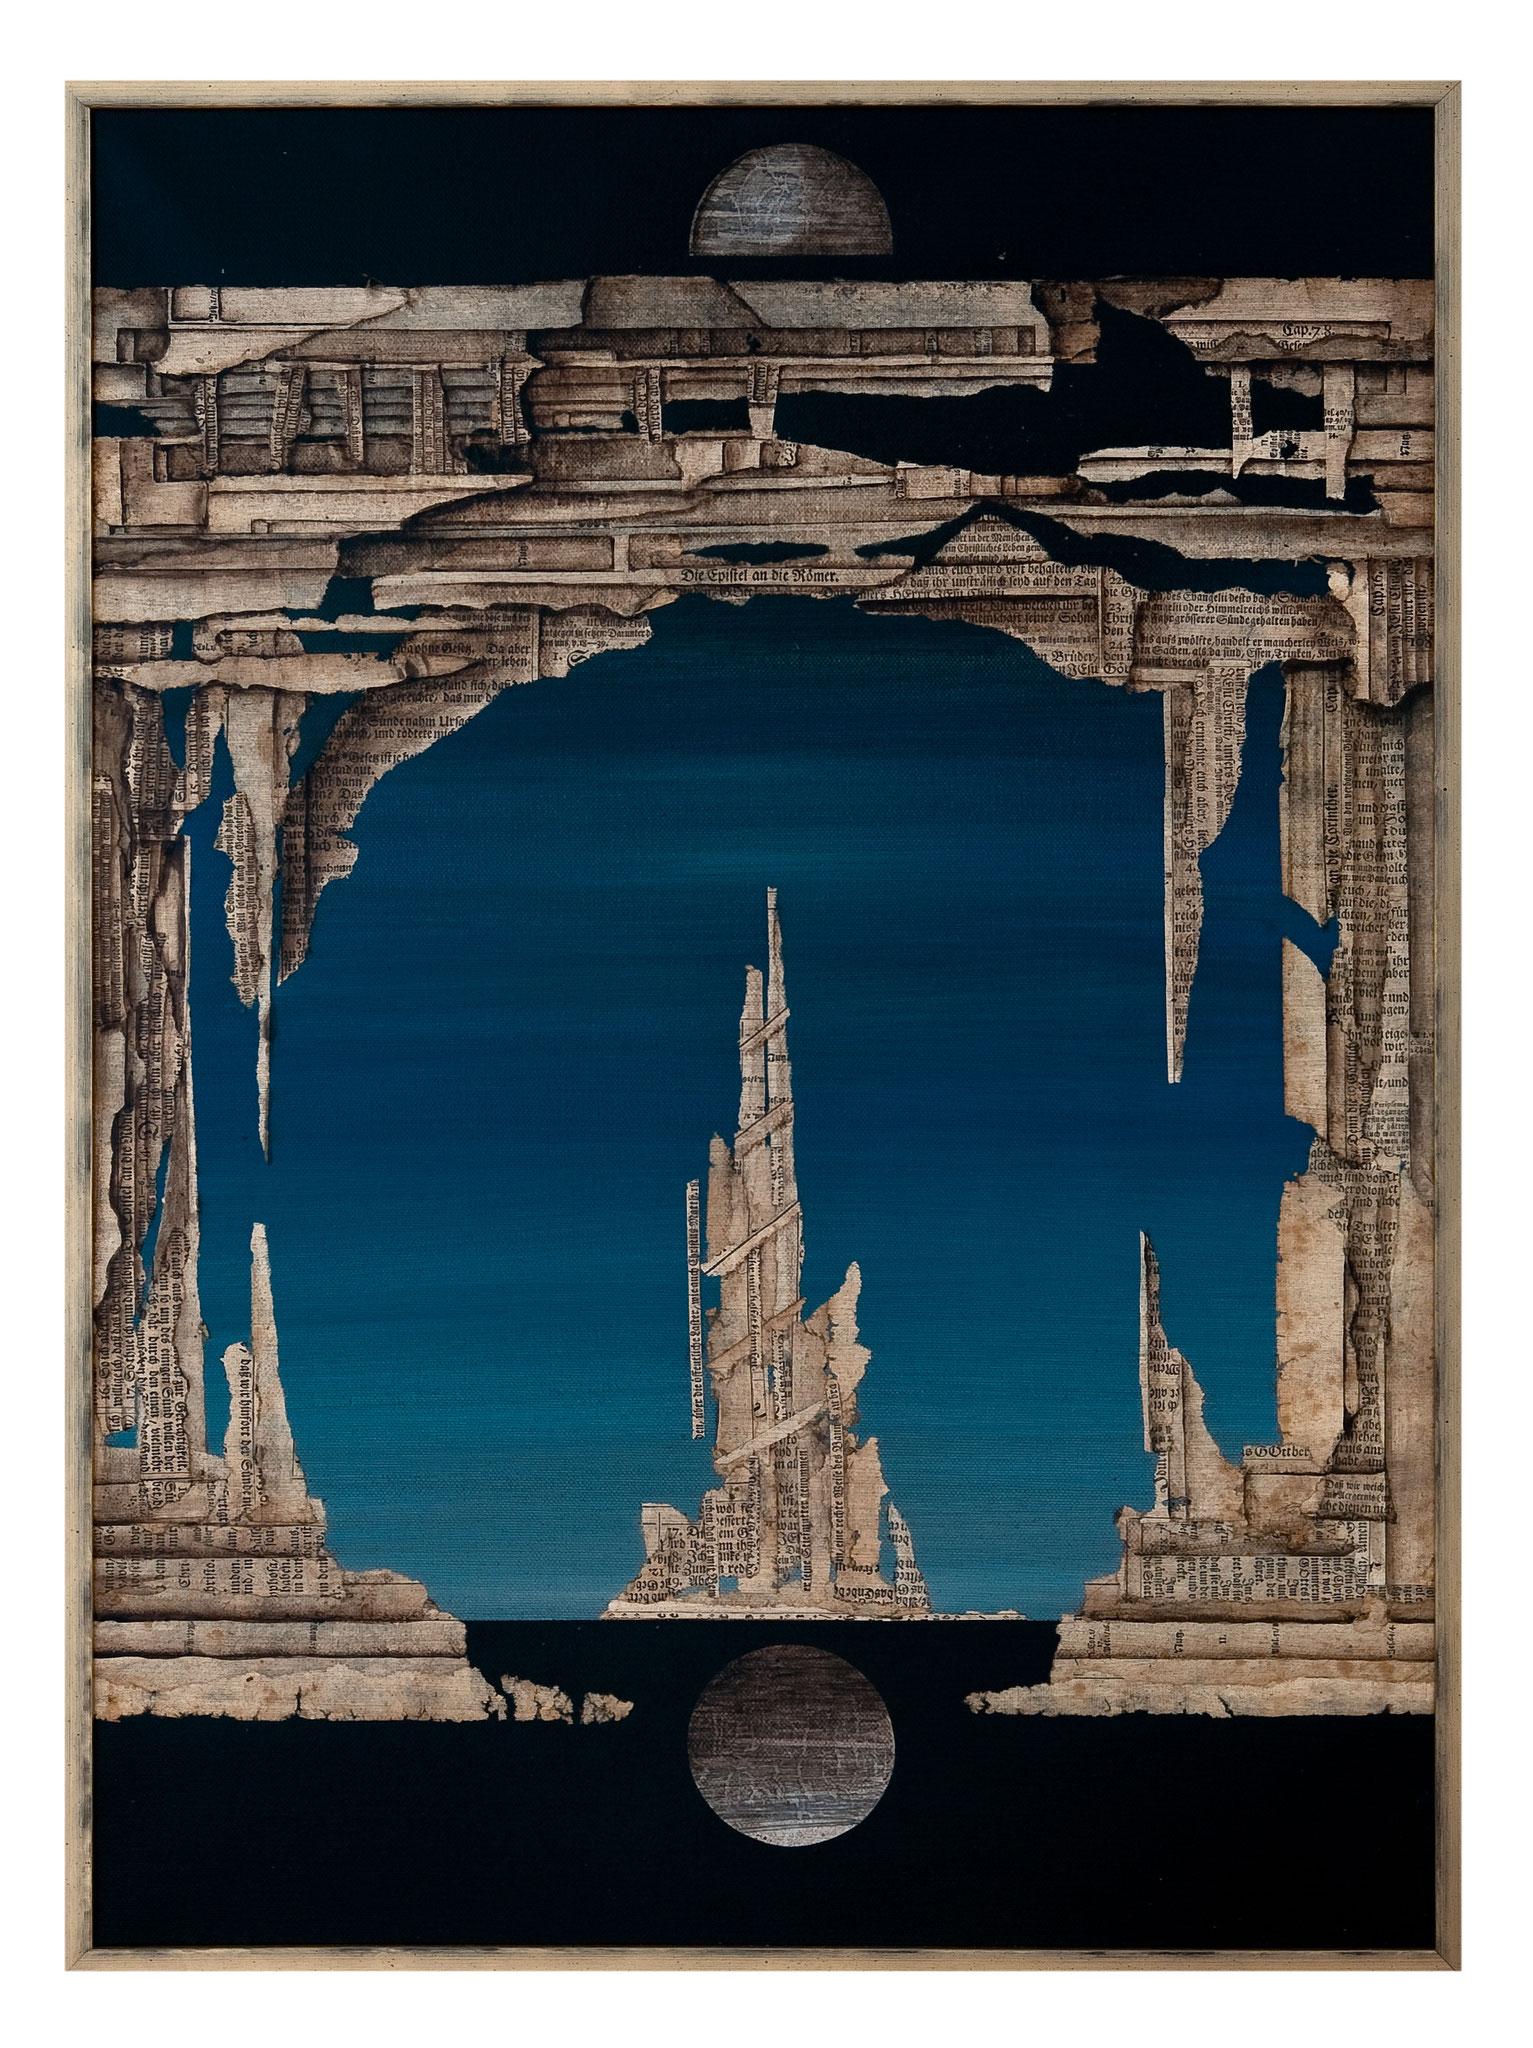 DIE ILLUSION HINTER DEM TRIUMPHBOGEN - - 2013 - Acryl, Tusche, Papier auf Leinwand  - 76 x56 cm